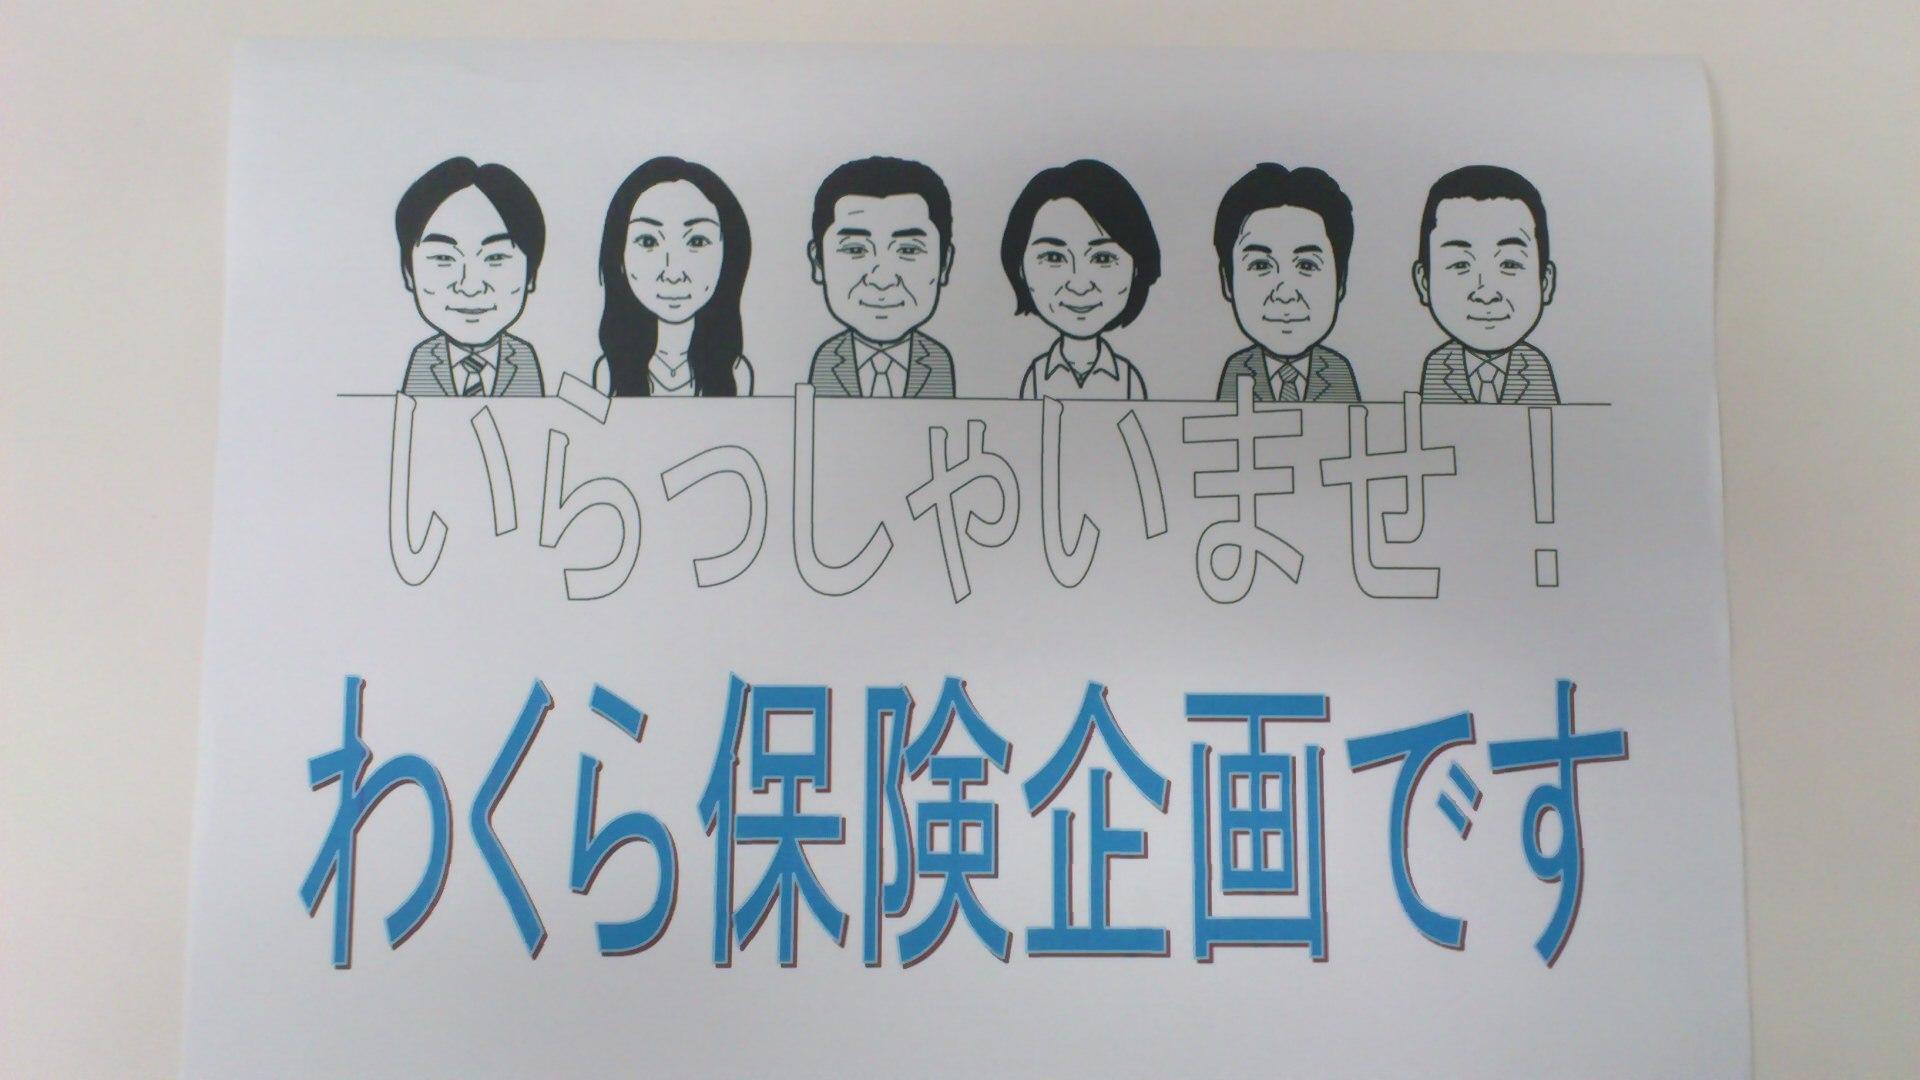 わくら保険企画のロゴ